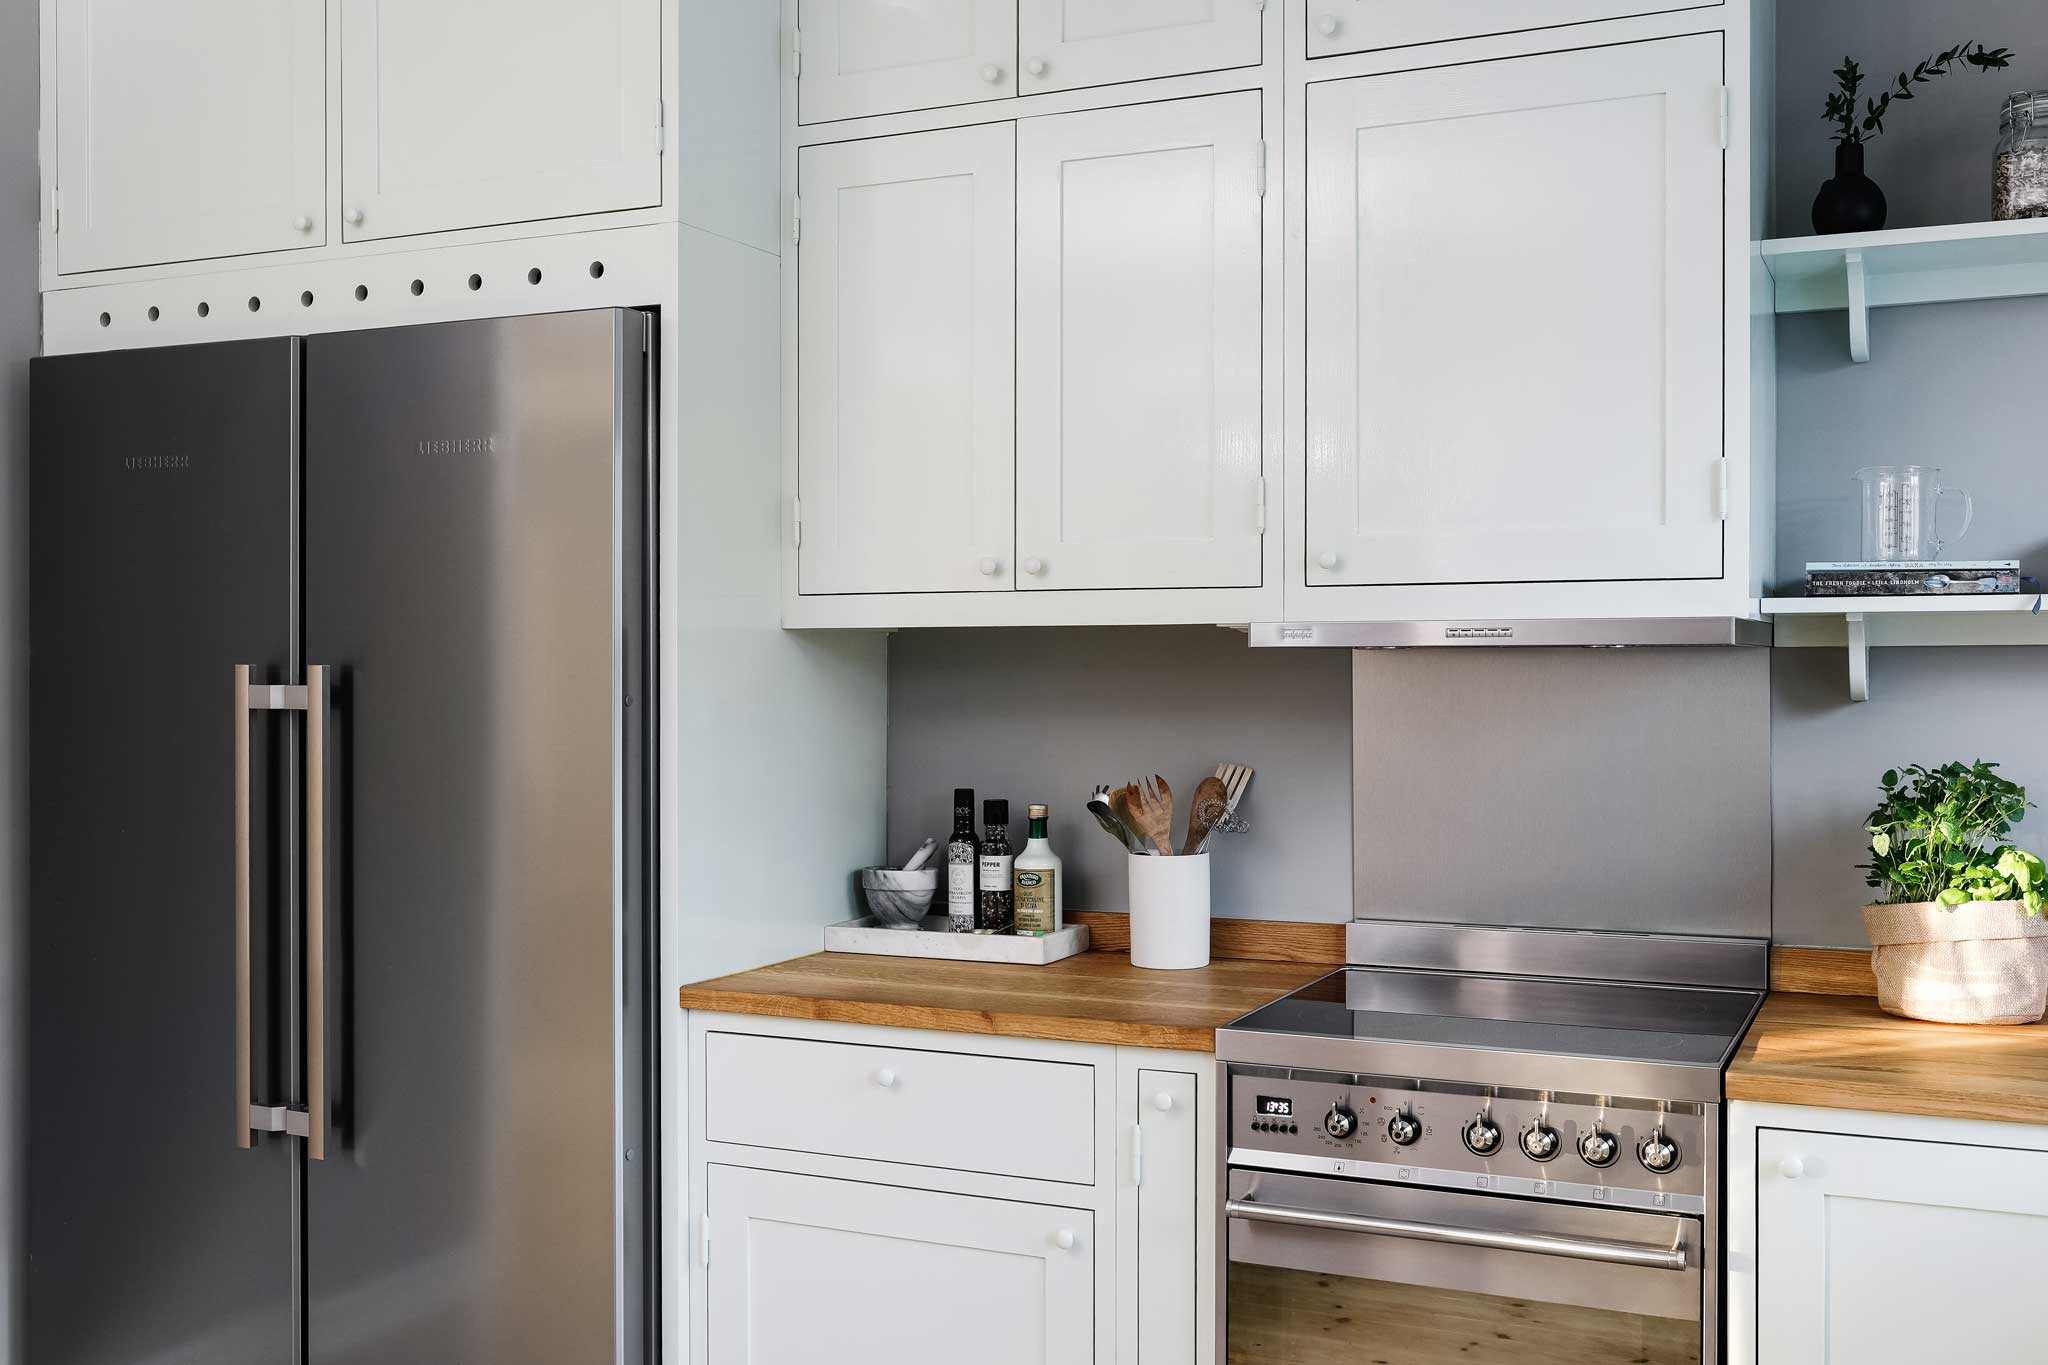 Köksinspiration kyl och frys i ljusgrönt kök i Ekobyn från Skandinaviska Shakerkök